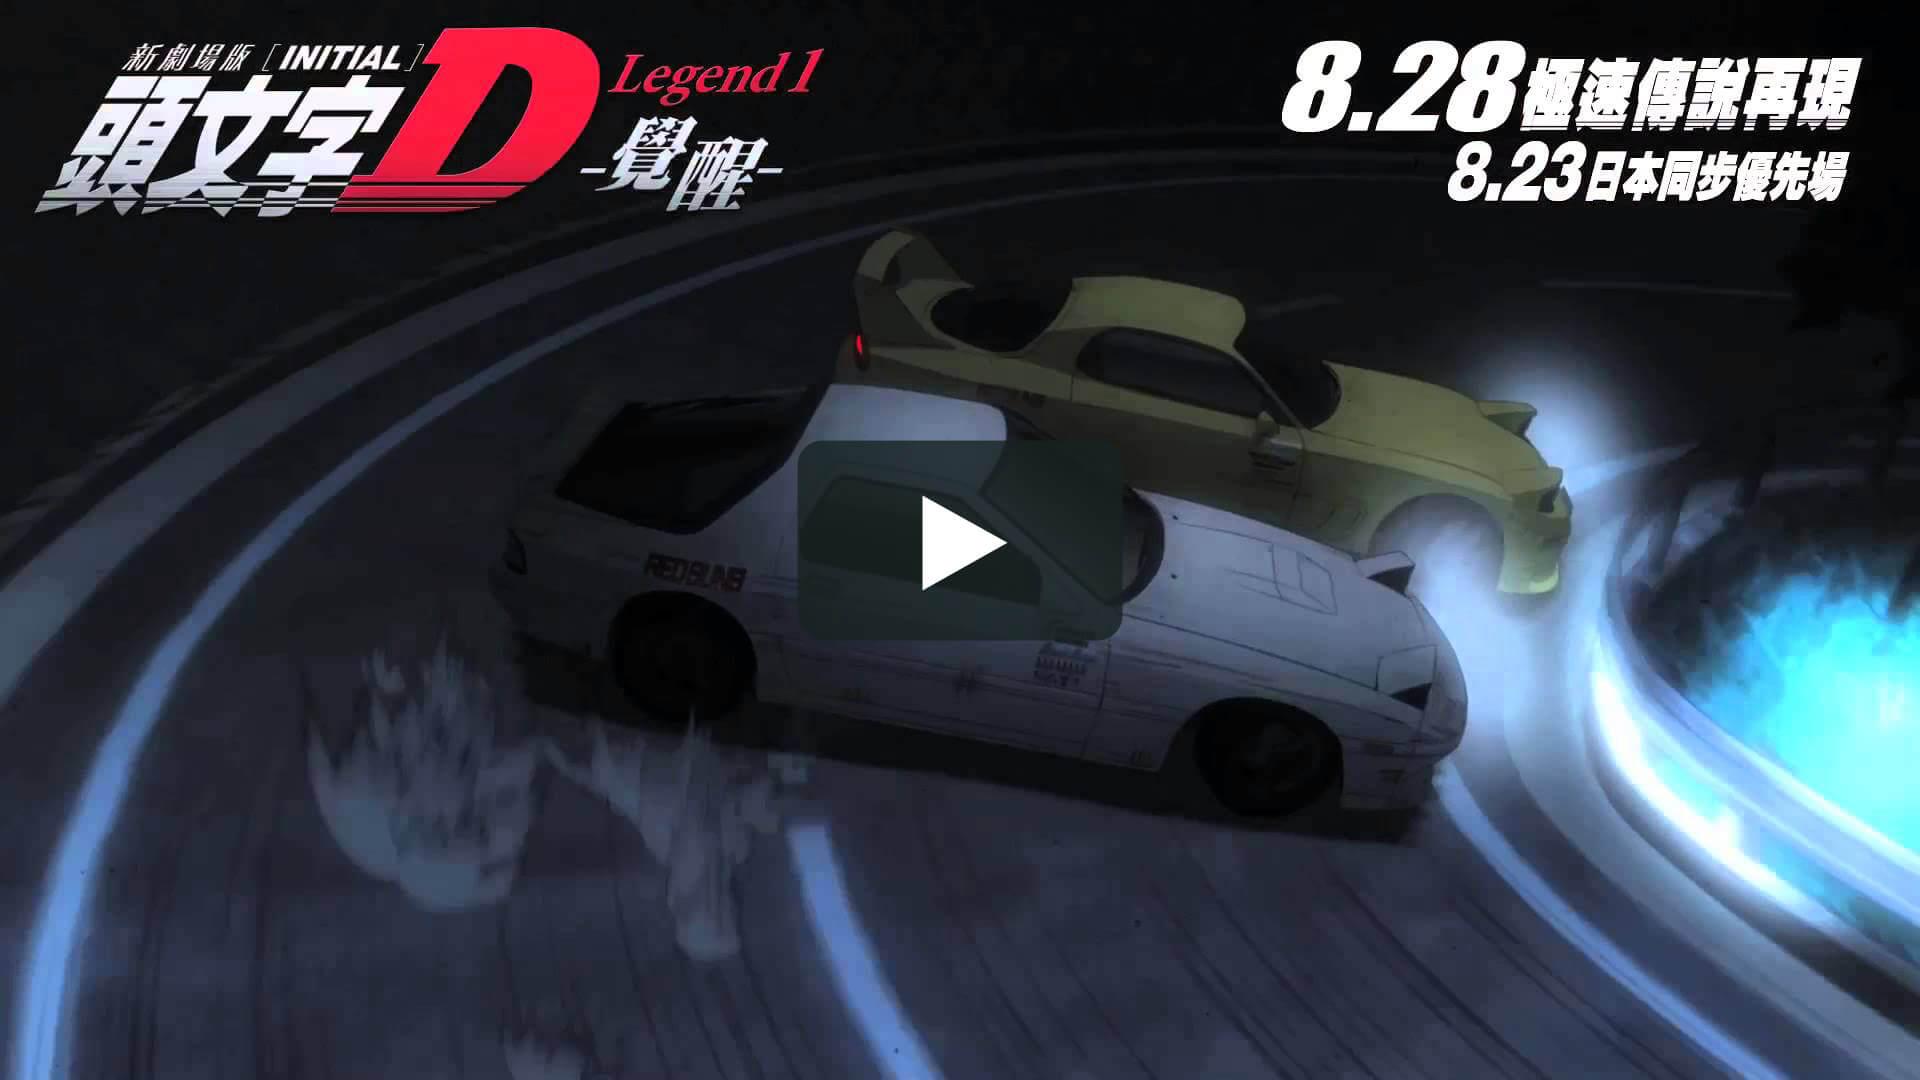 頭文字D新劇場版:覺醒-Legend1